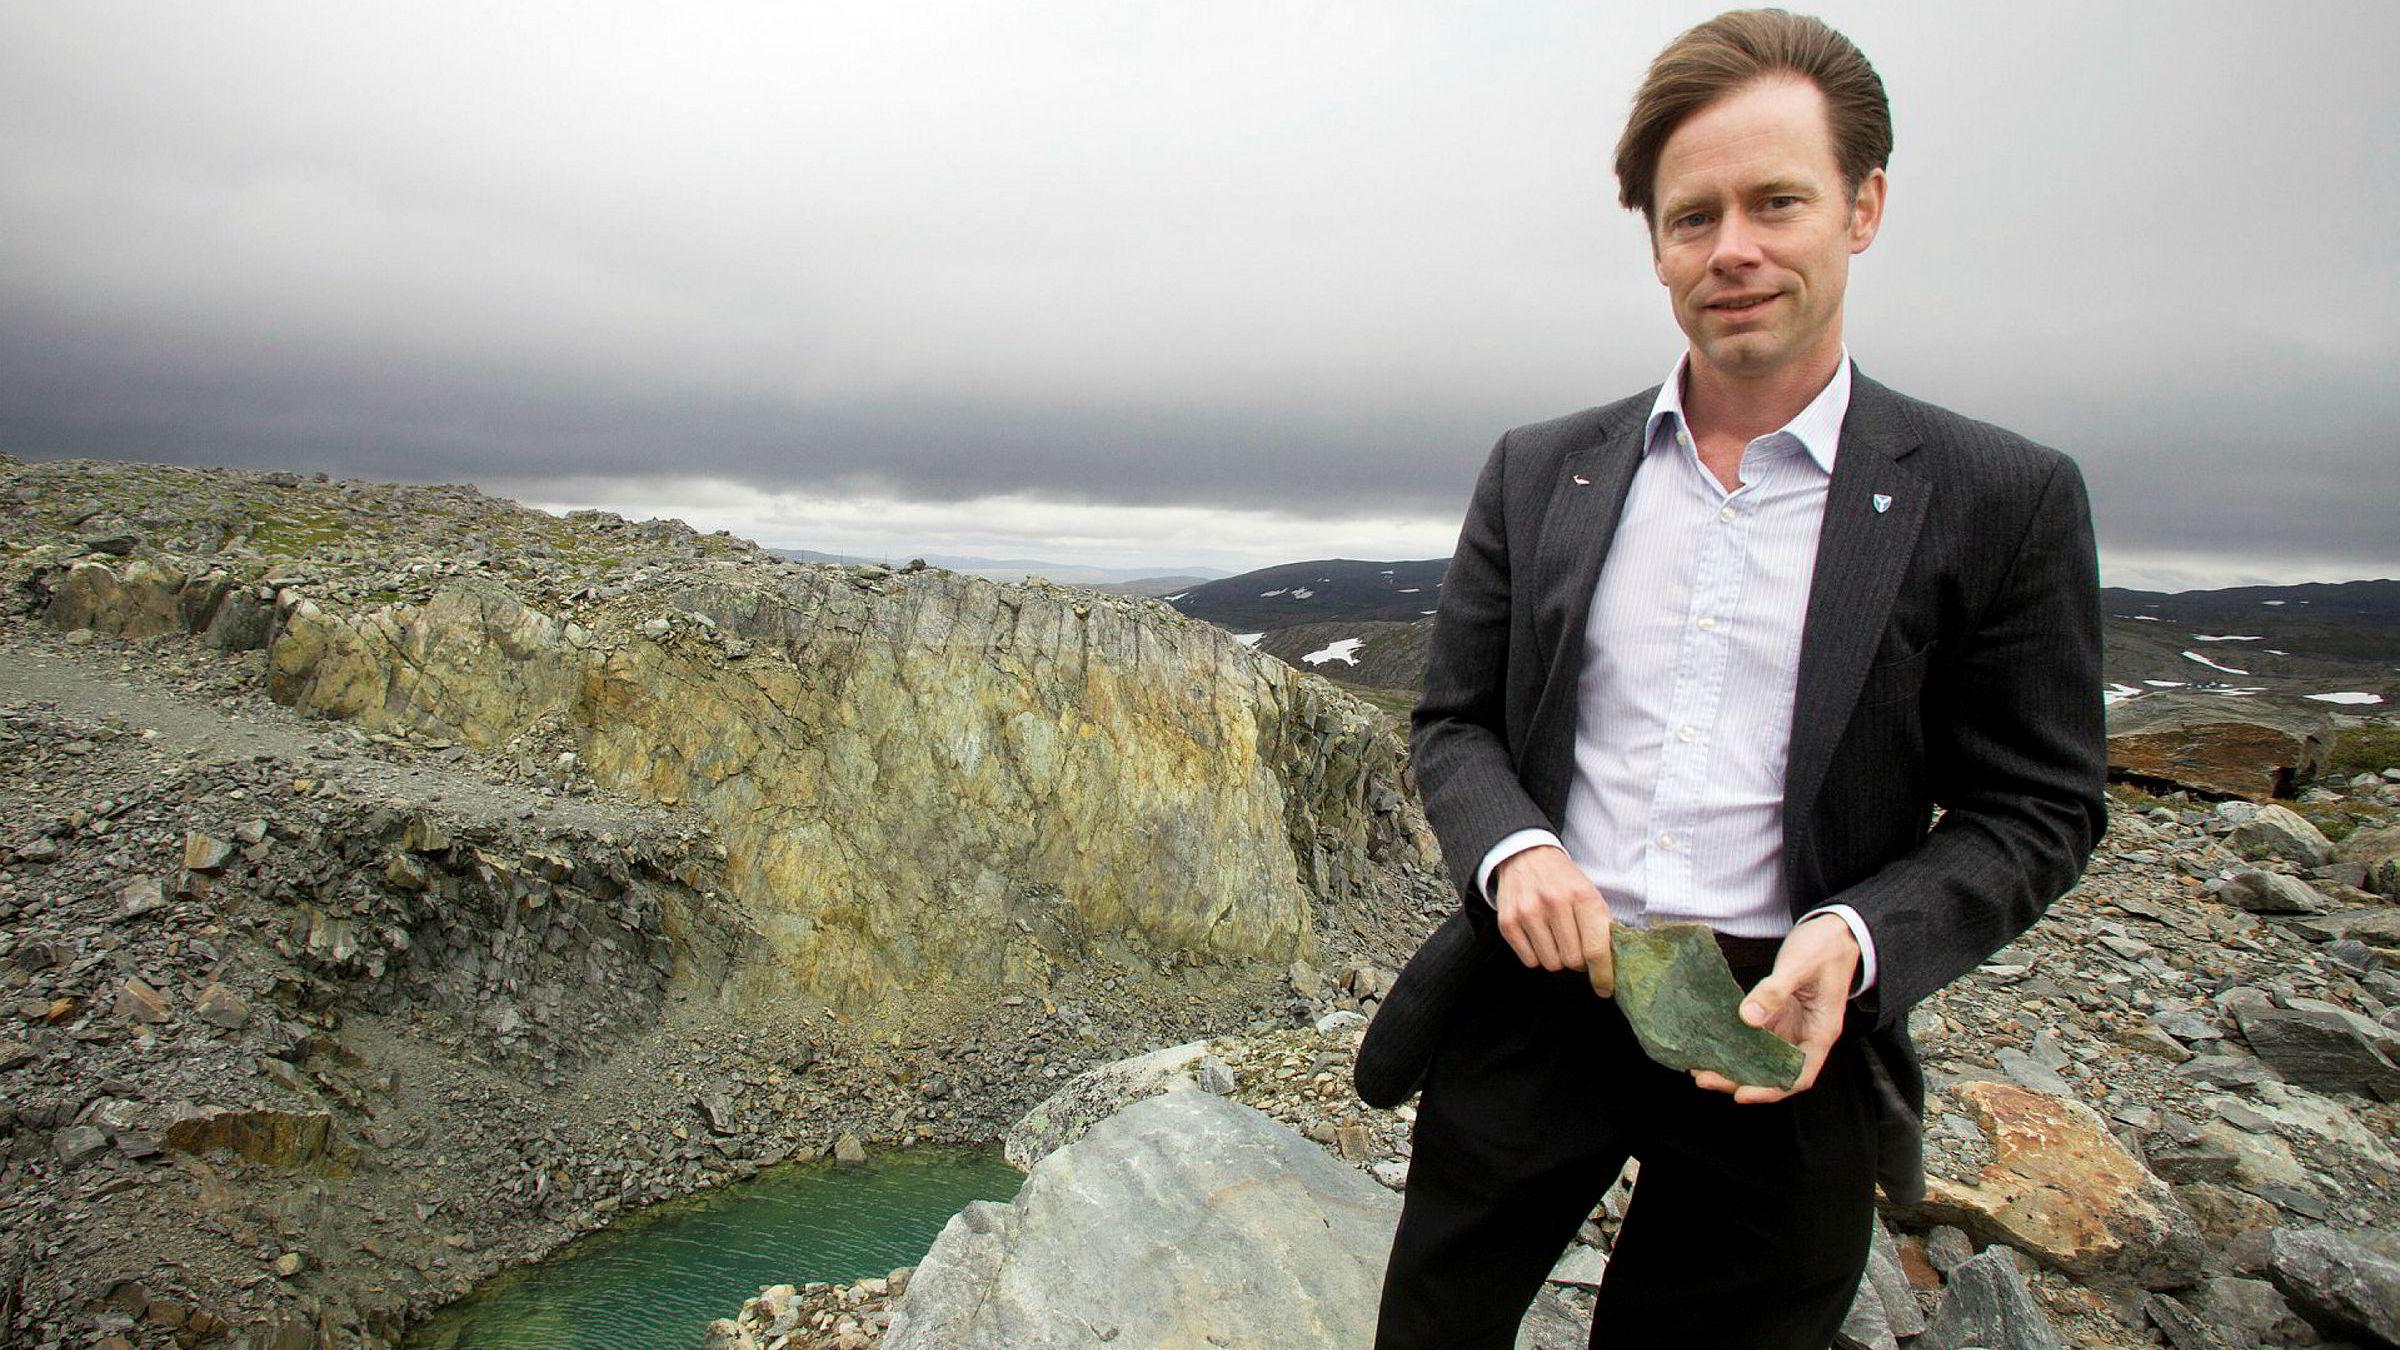 Bak det nedlagte dagbruddet på Ulveryggen i Kvalsund er Norges største kobberforekomst kartlagt. Øystein Rushfeldt er gründer og primus motor for det som om to år kan bli Norges største kobbergruve gjennom tidene.